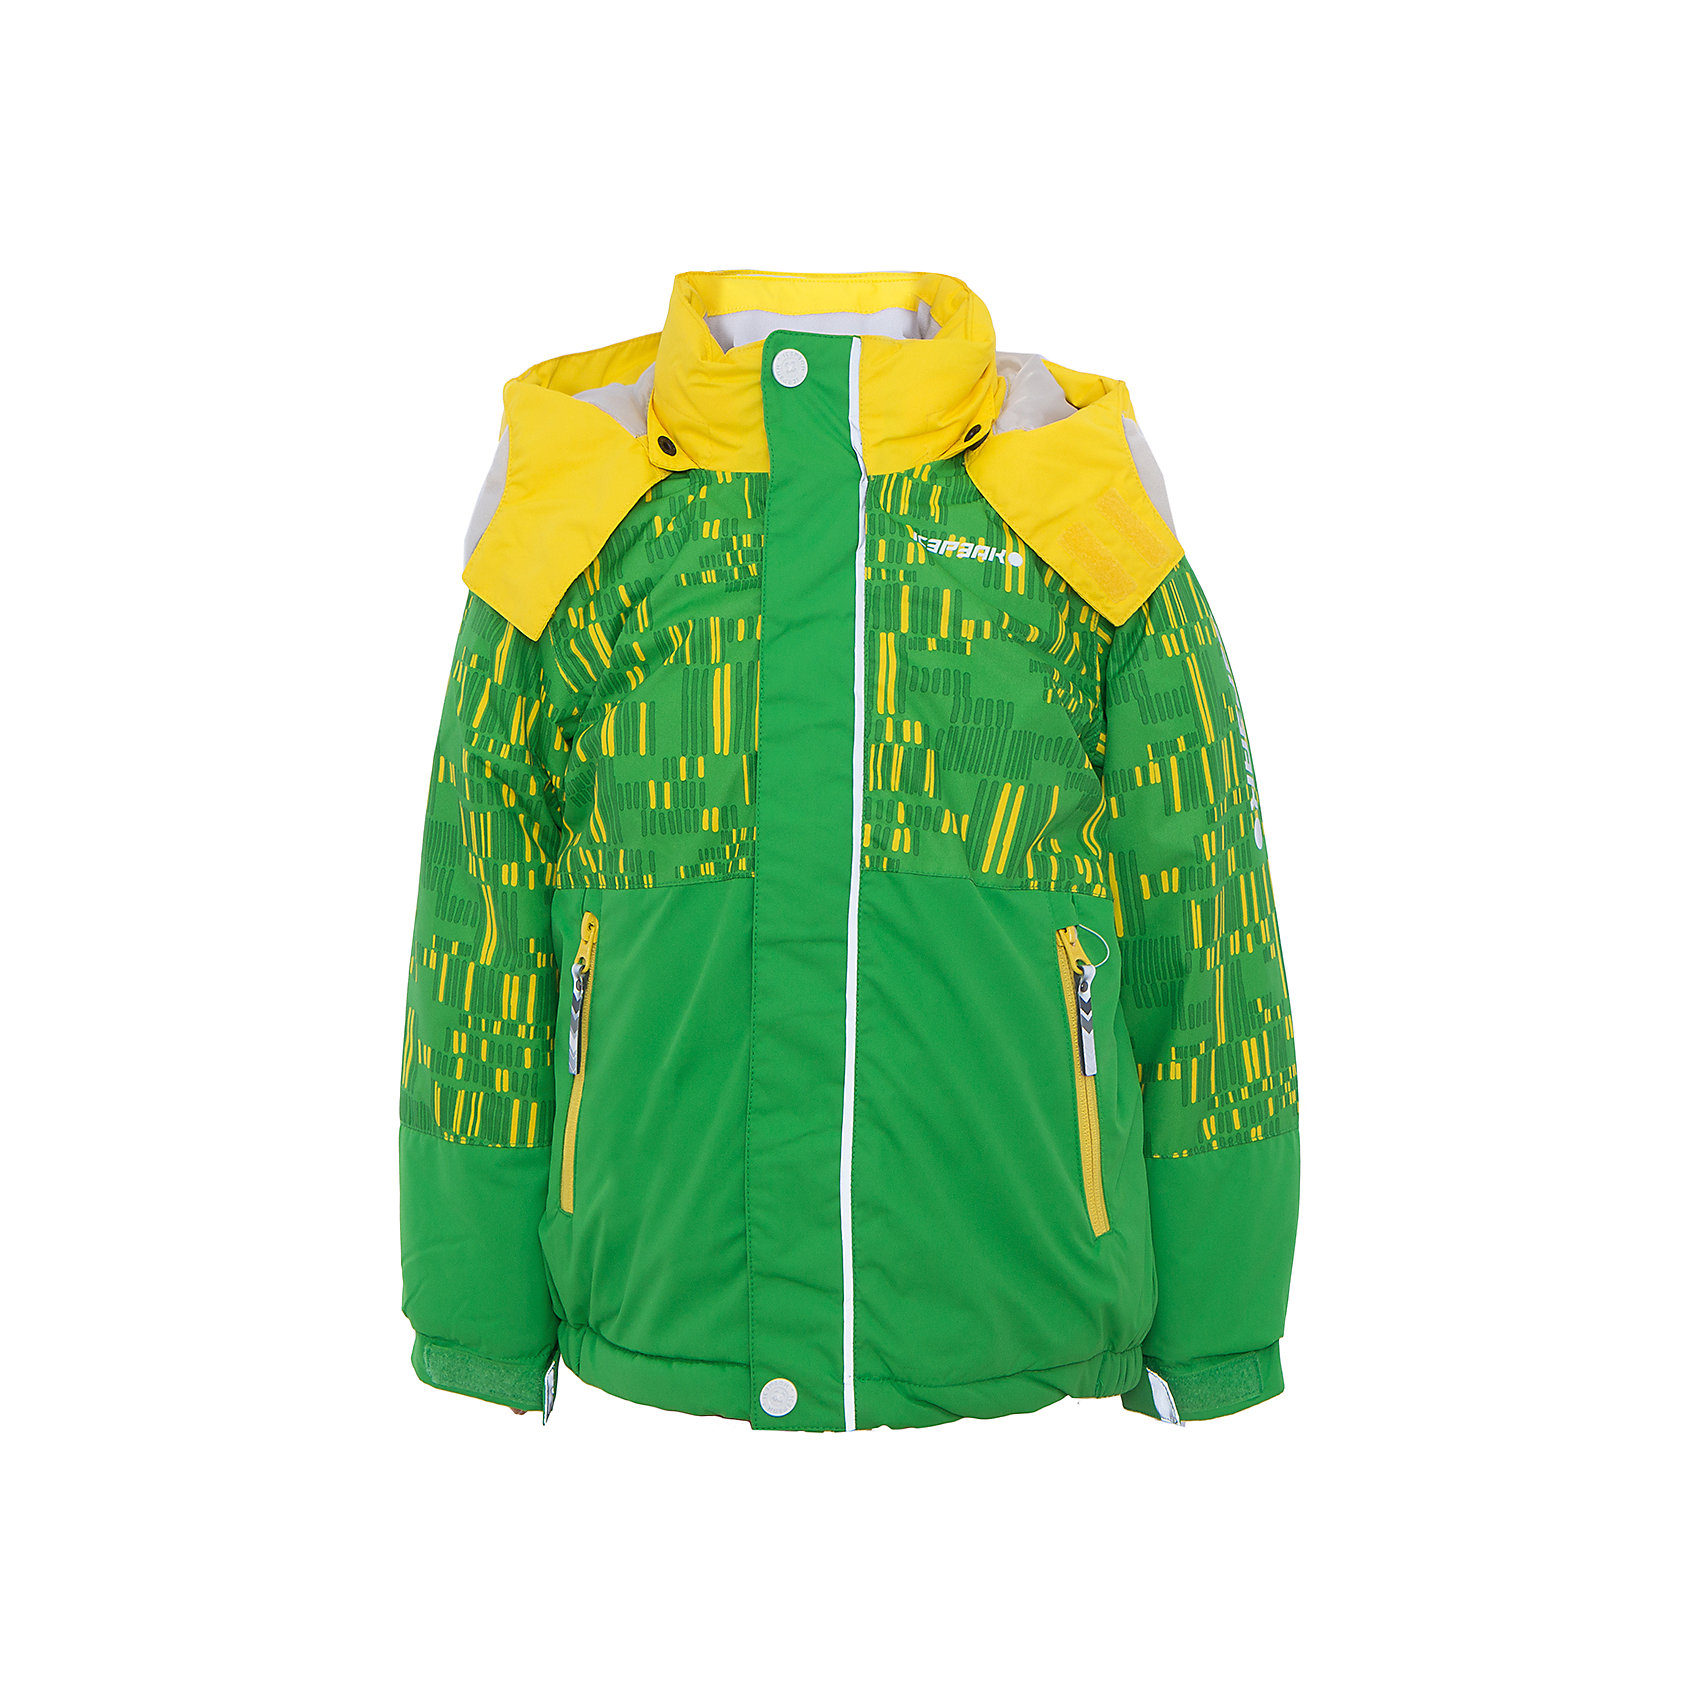 Куртка для мальчика ICEPEAKКуртка для мальчика от известного бренда ICEPEAK.<br>Куртка с отстегивающимся капюшоном, принт, молния закрыта планкой, сформированный локоть, утяжка в нижней части куртки, регулируемый рукав на липучке, утепленные и мягкие боковые карманы на молнии, мягкий и теплый внутренний воротник, светоотражающие элементы, искусственный утеплитель Finnwad, утепление 220/200 гр., рекомендуемый температурный режим до -25 град.<br>Технологии: Icemax 5000/2000 mm, Taped seams, Children's safety, Reflectors<br>Состав:<br>100% полиэстер<br><br>Ширина мм: 356<br>Глубина мм: 10<br>Высота мм: 245<br>Вес г: 519<br>Цвет: зеленый<br>Возраст от месяцев: 72<br>Возраст до месяцев: 84<br>Пол: Мужской<br>Возраст: Детский<br>Размер: 122,104,110,116<br>SKU: 5413872